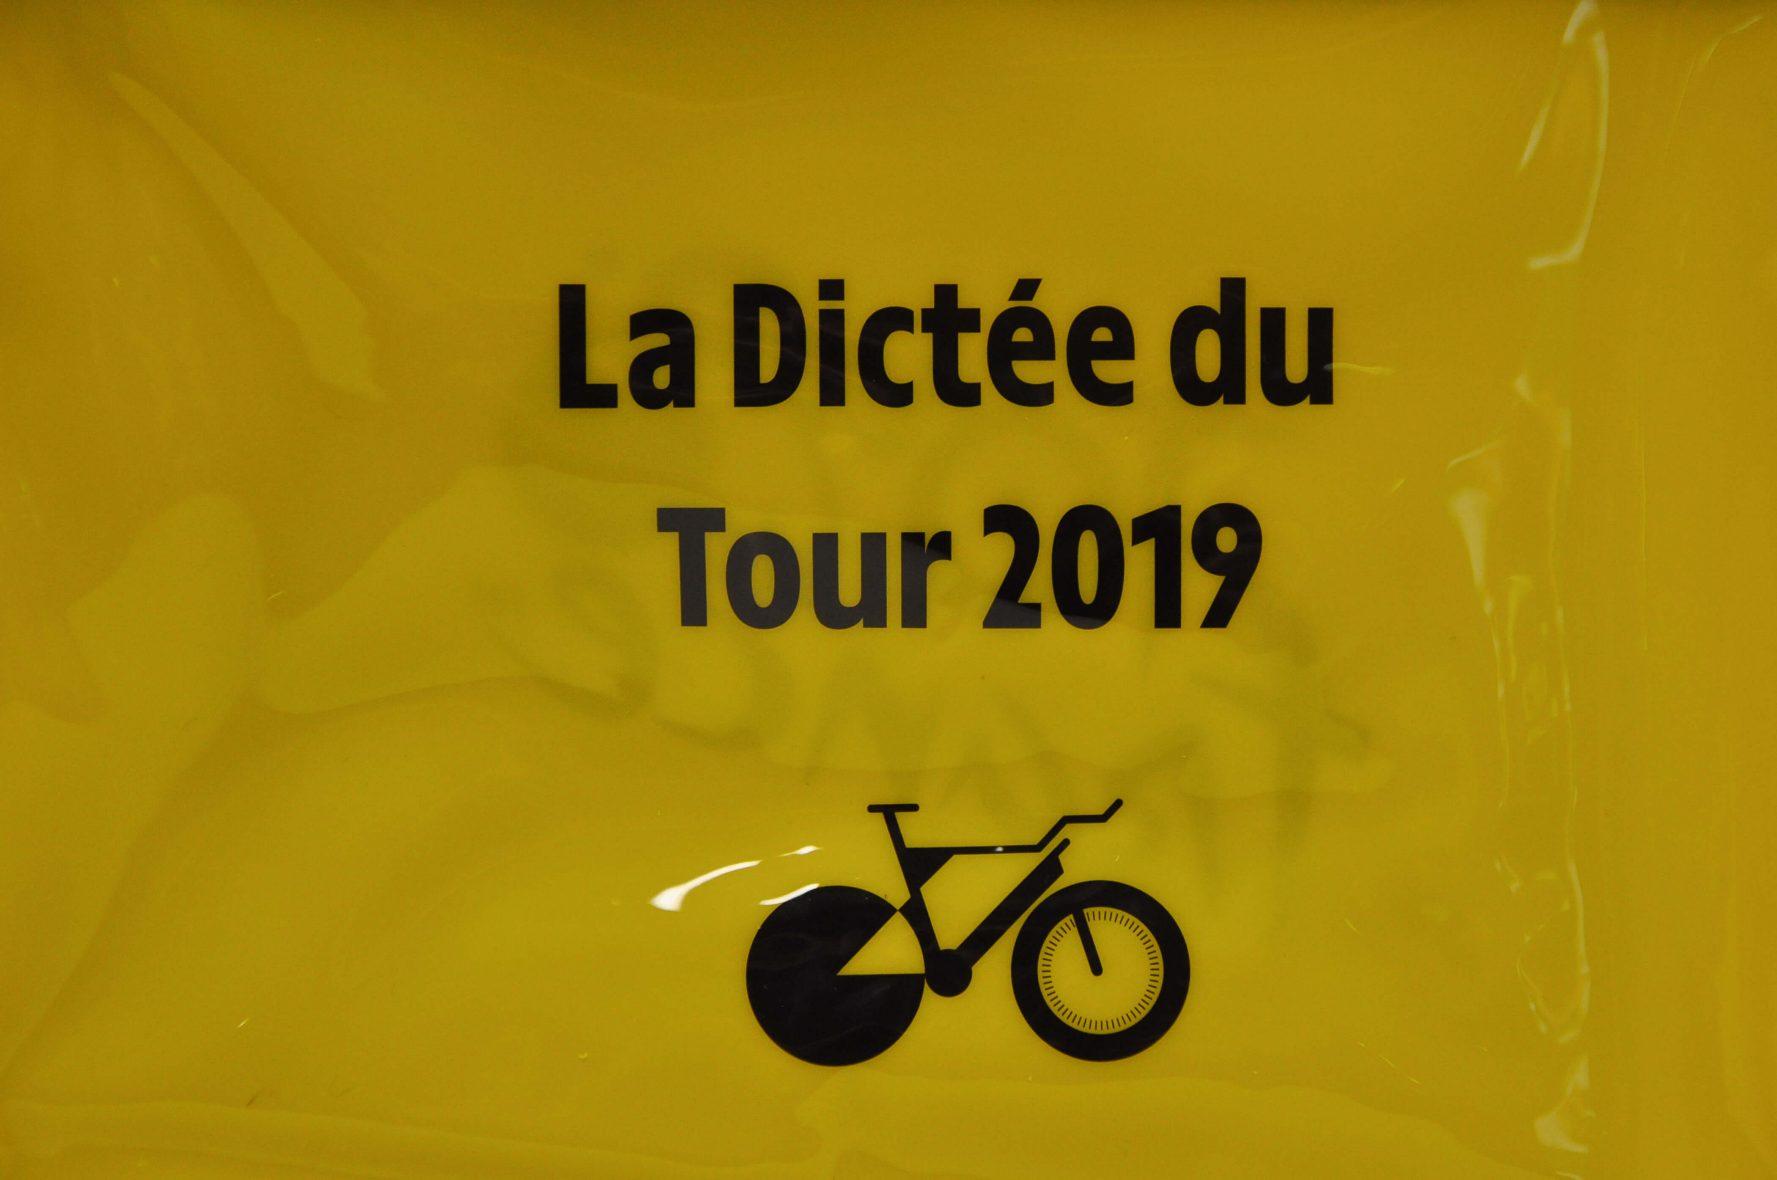 Dictée du tour de France